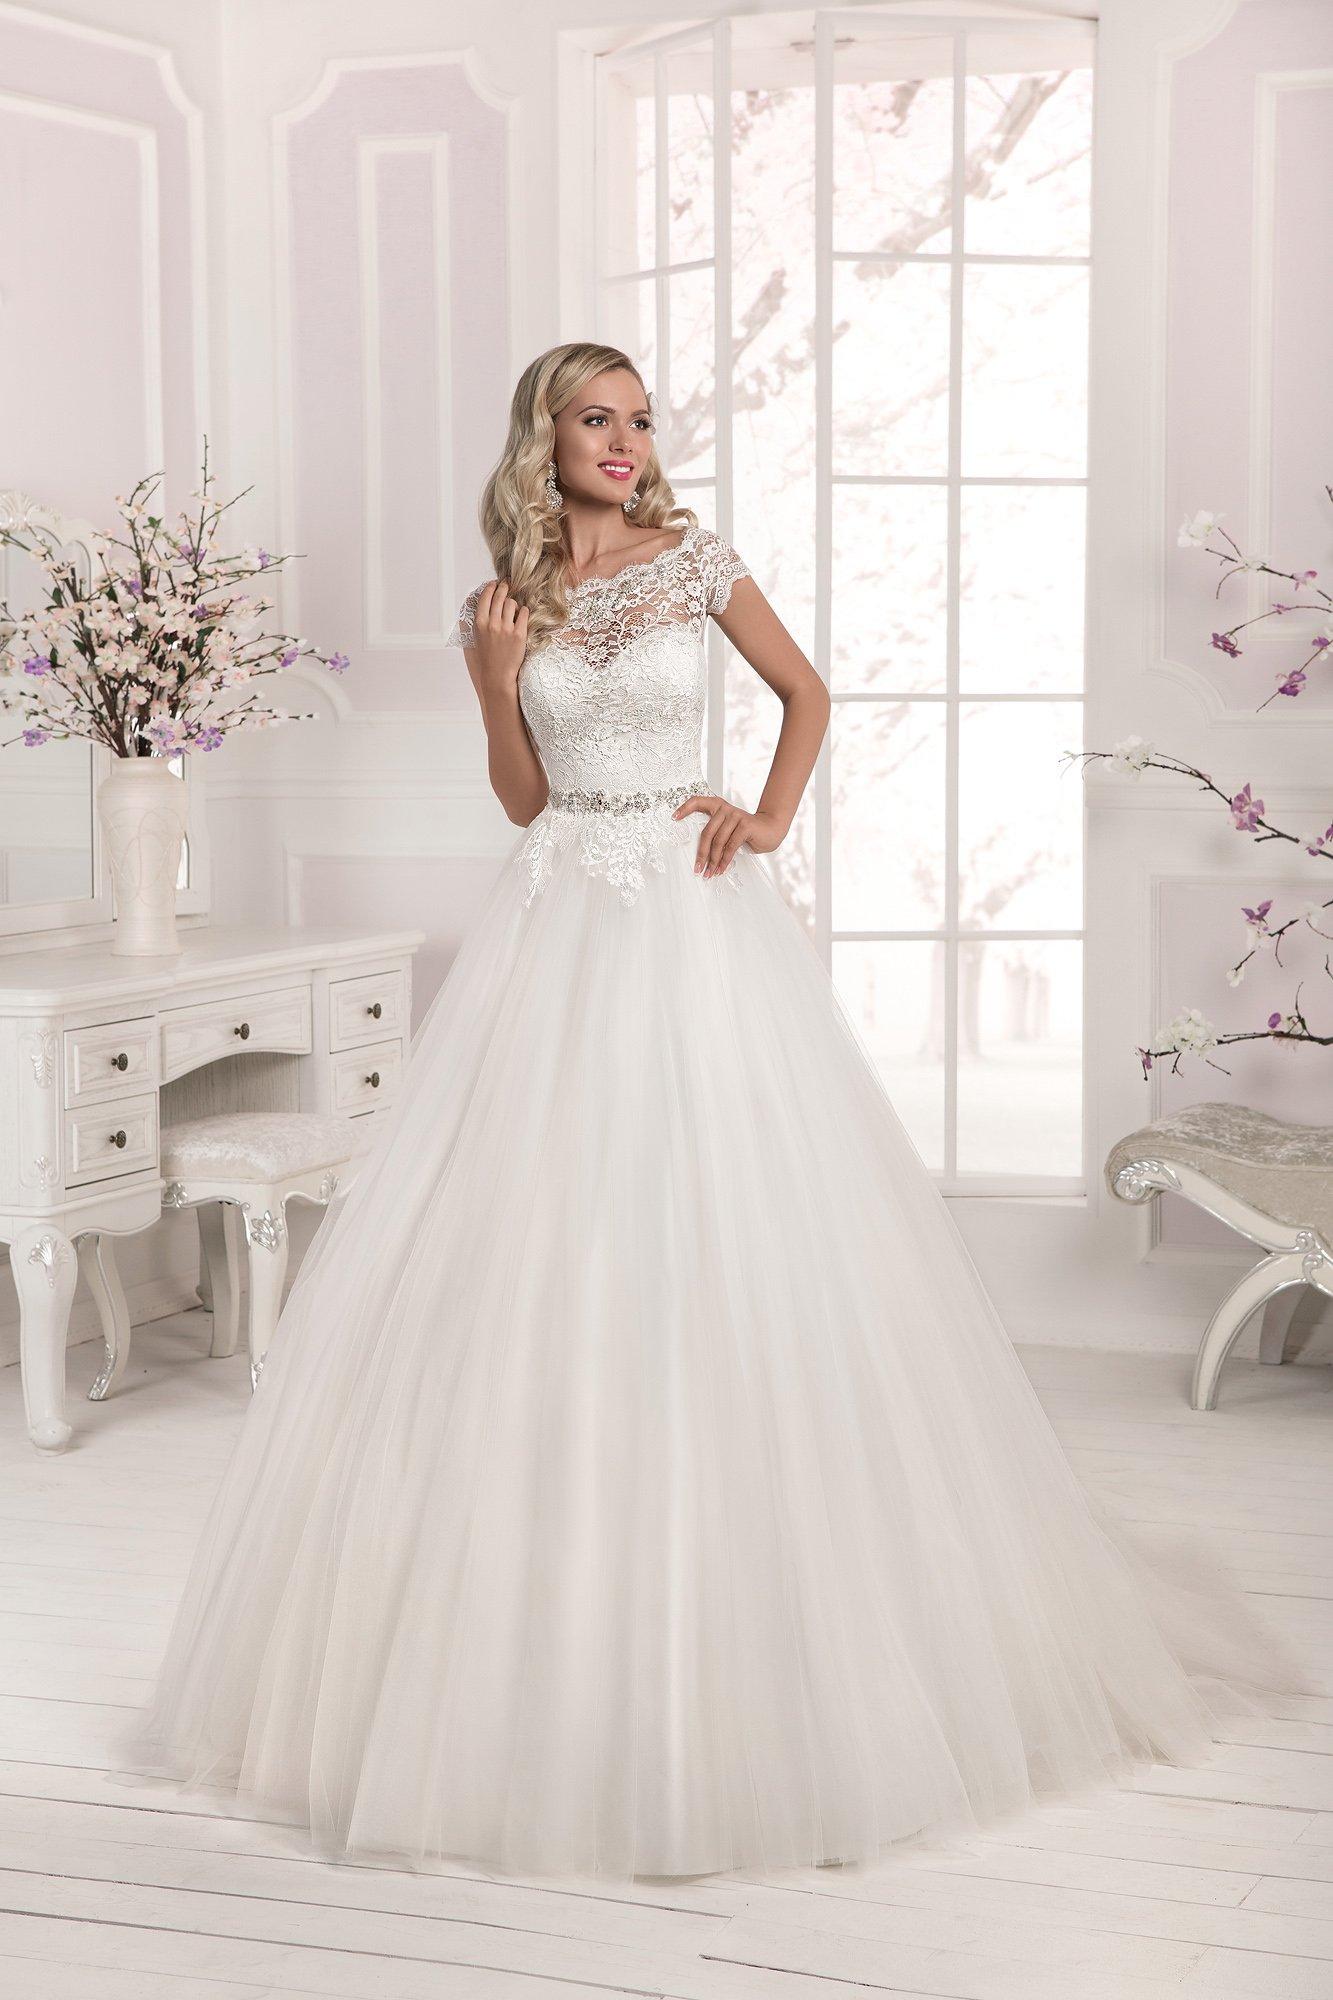 d34c599b43e0 Свадебное платье с пышной юбкой из фатина Farletta Laureliya. Купить ...